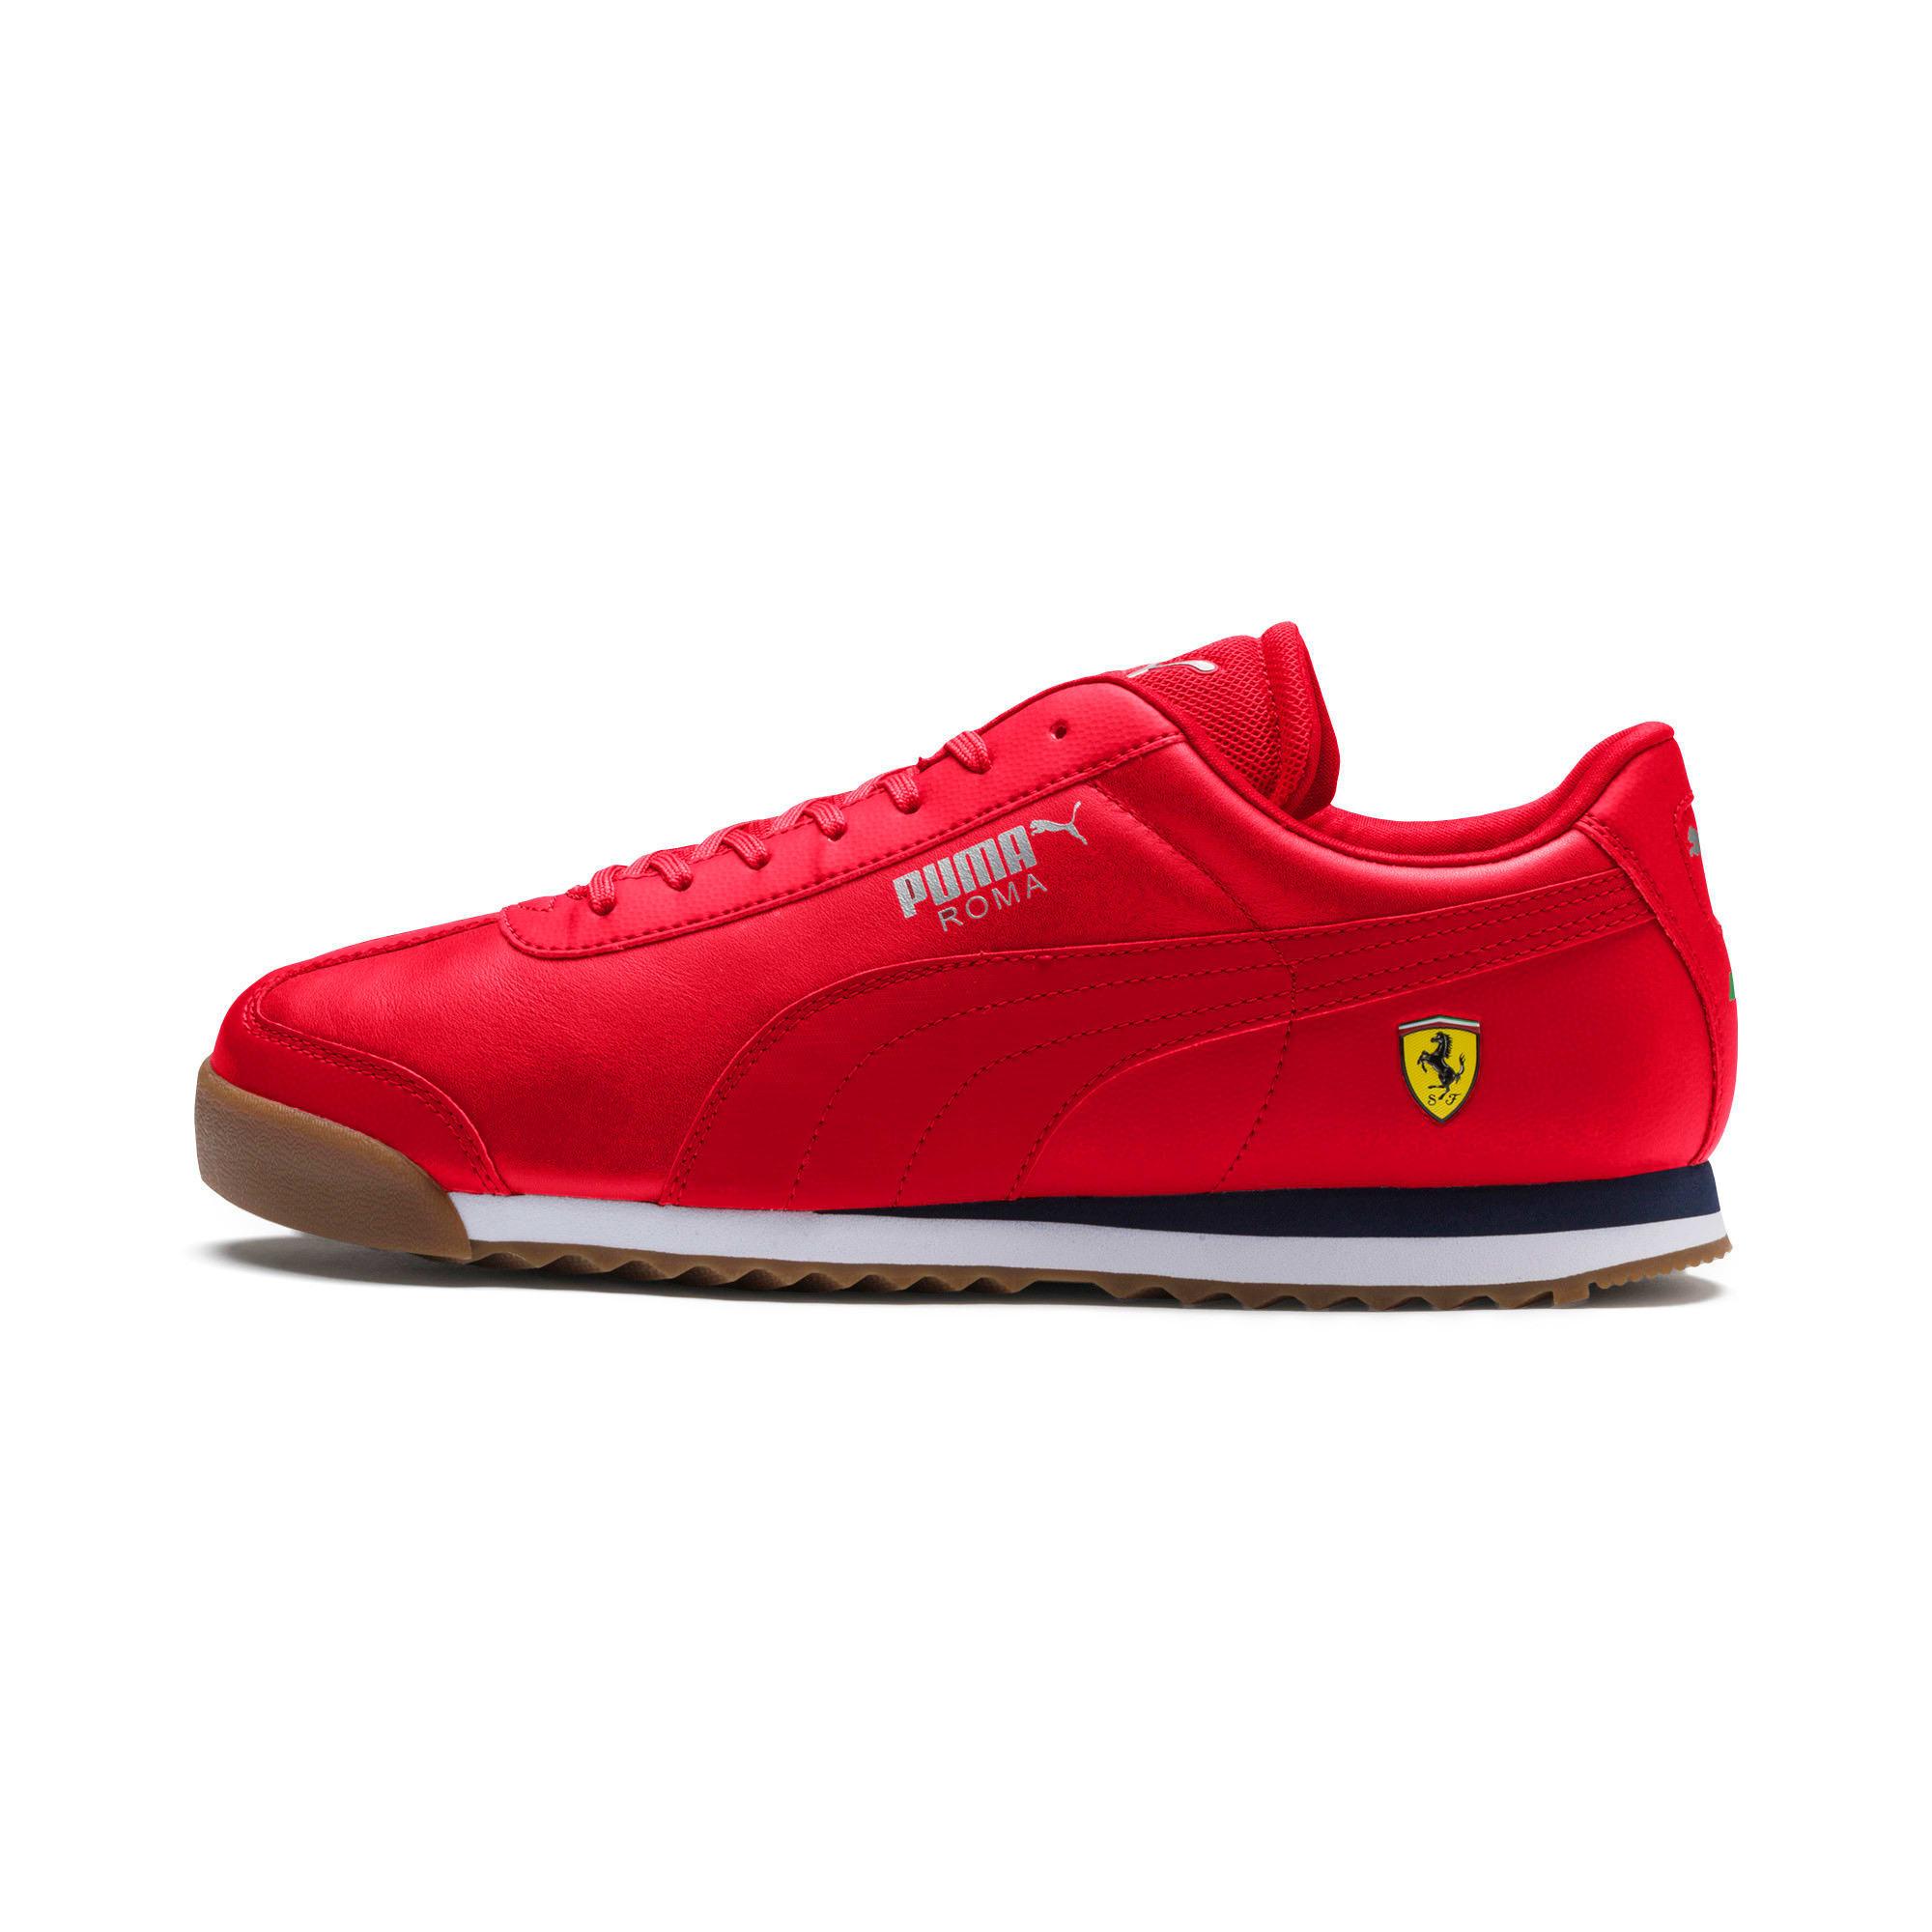 Thumbnail 1 of Scuderia Ferrari Roma Men's Sneakers, Rosso Corsa-Rosso Corsa, medium